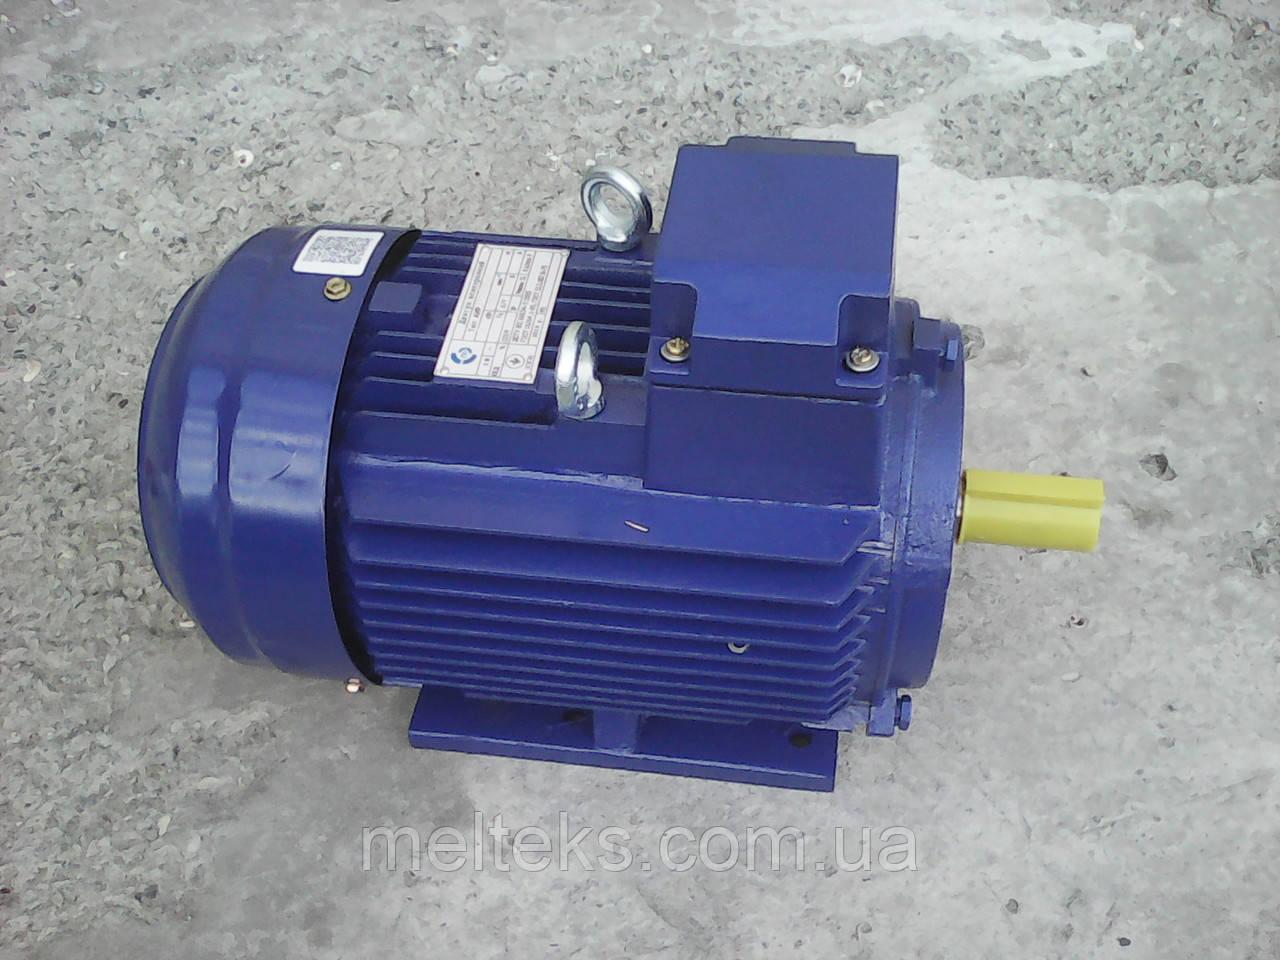 Электродвигатель МВВ 4, ИФ 56